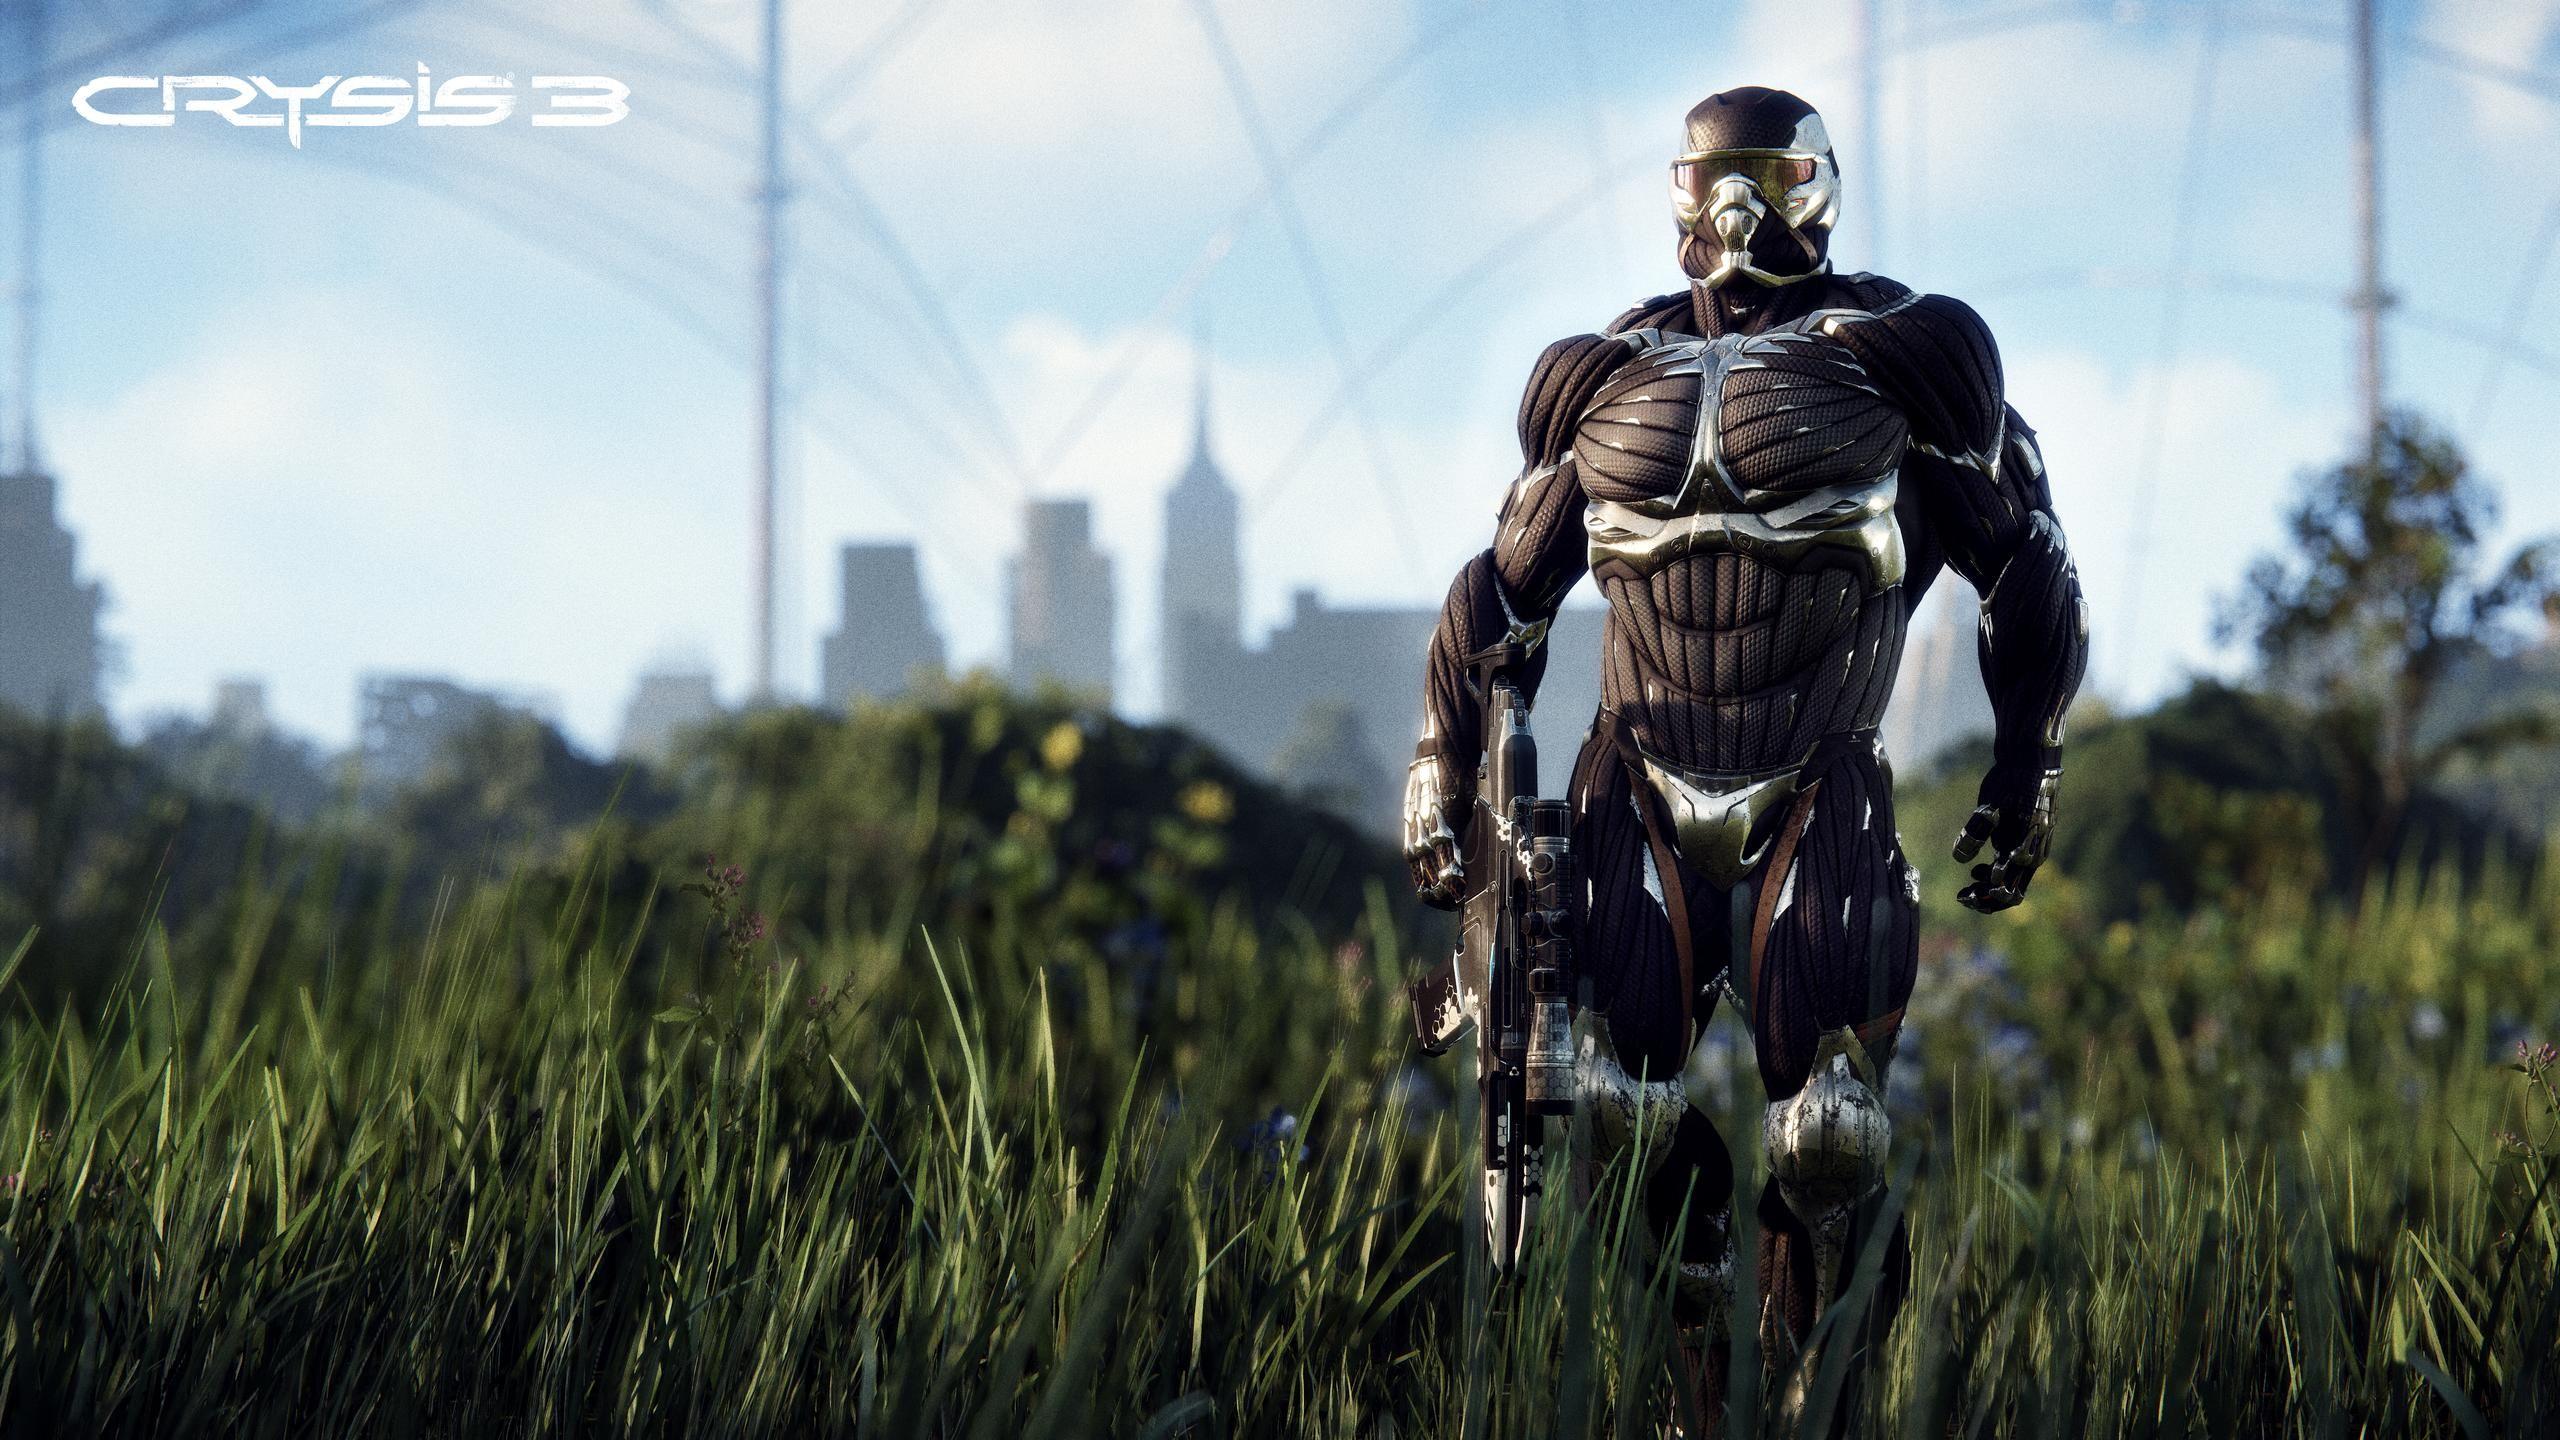 Скачать бесплатно Crysis 3 Hunter Edition (2013/RUS/L) без